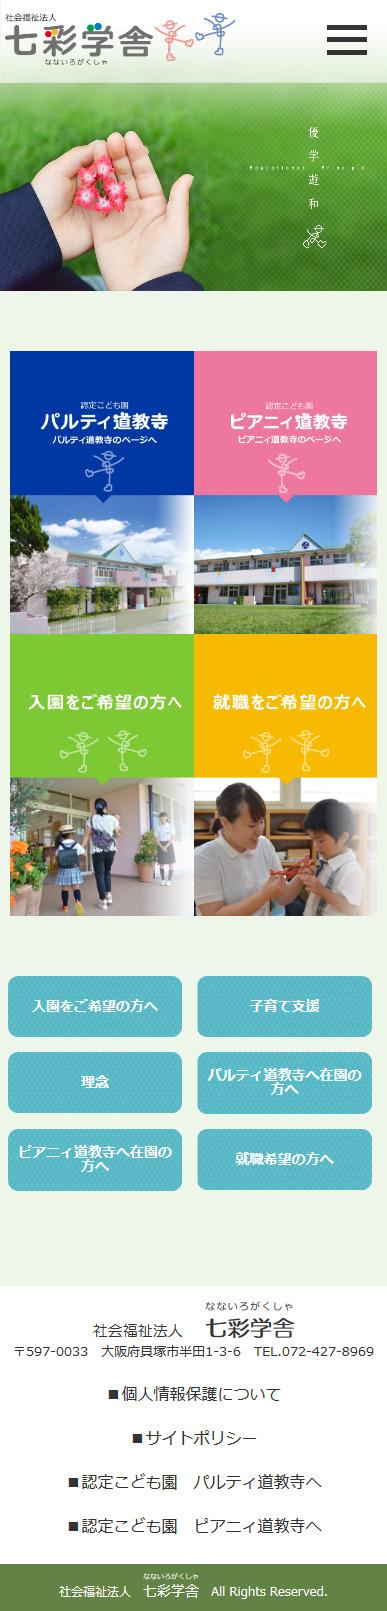 社会福祉法人 七彩学舎 スマホ版